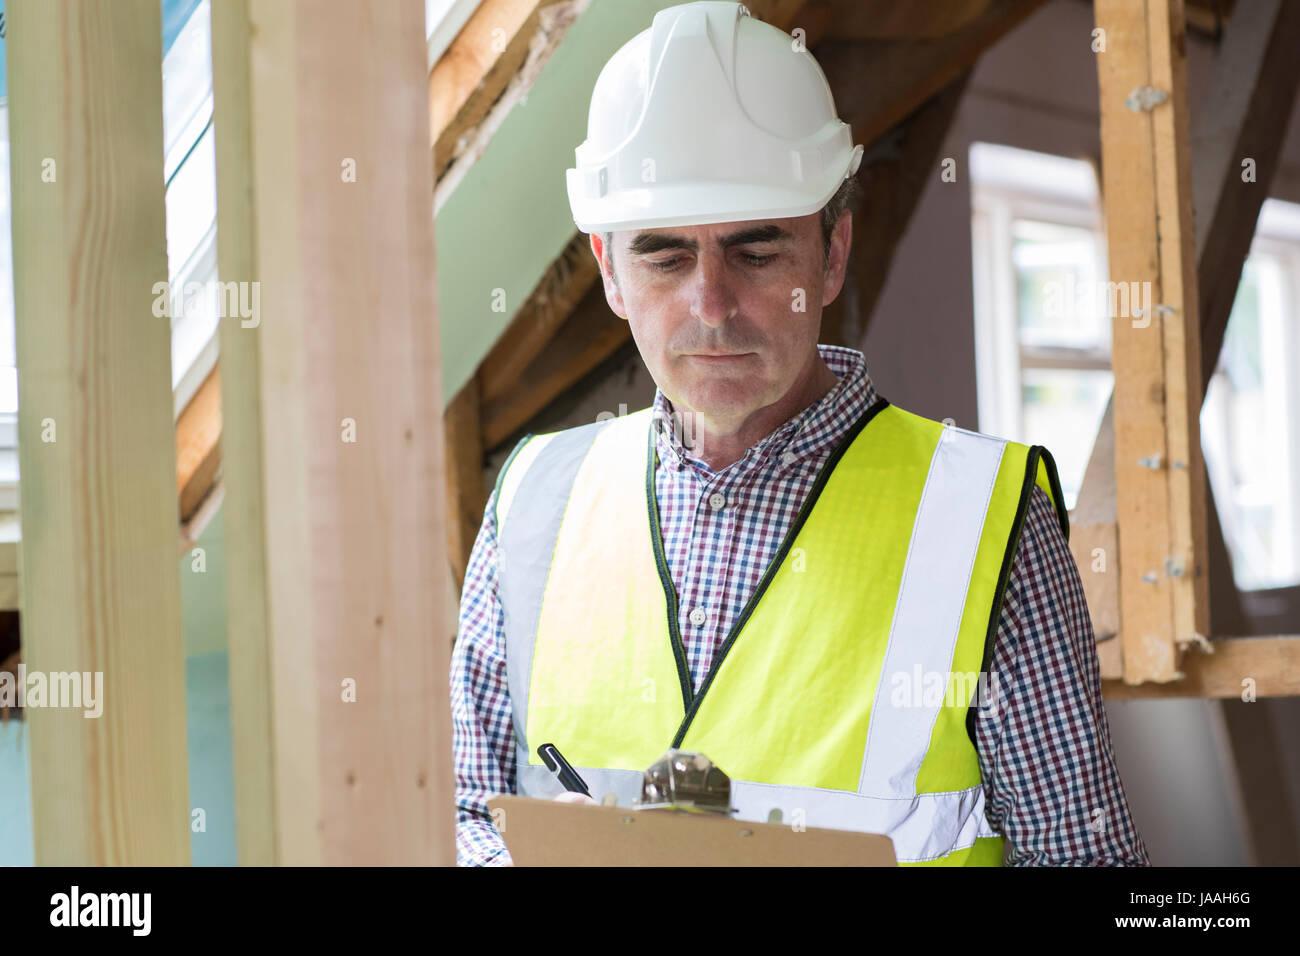 Ispettore edificio guardando alla nuova proprietà Immagini Stock